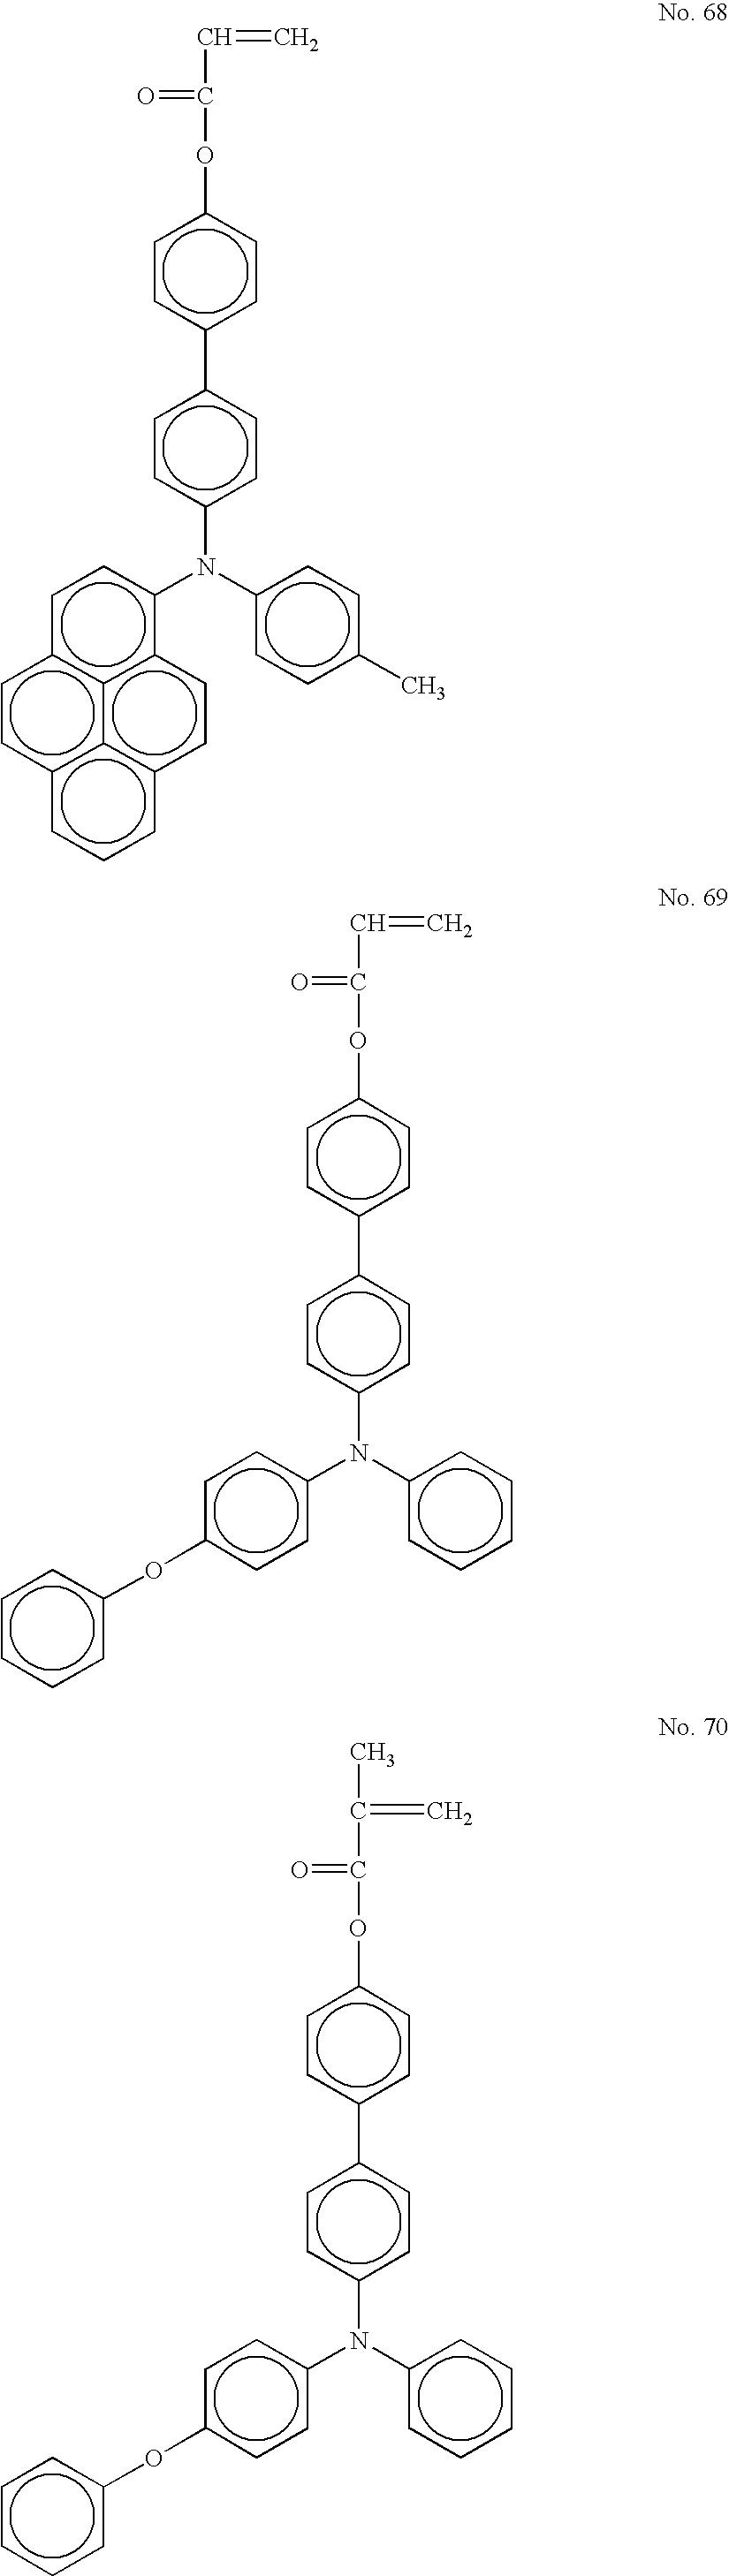 Figure US07390600-20080624-C00025